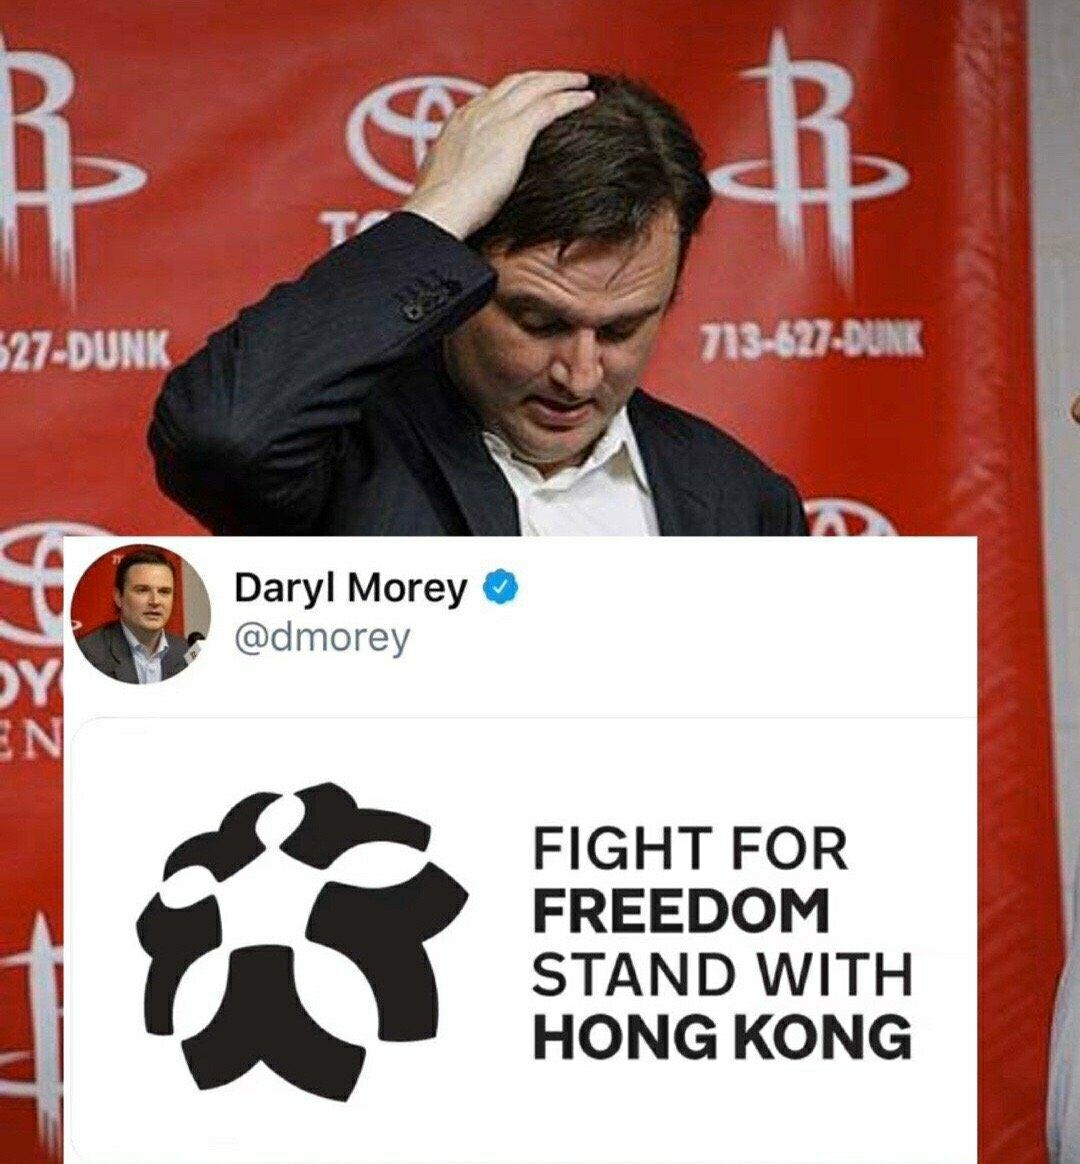 如何走下去?NBA官方表示:理解莫雷,希望继续获得中国市场!